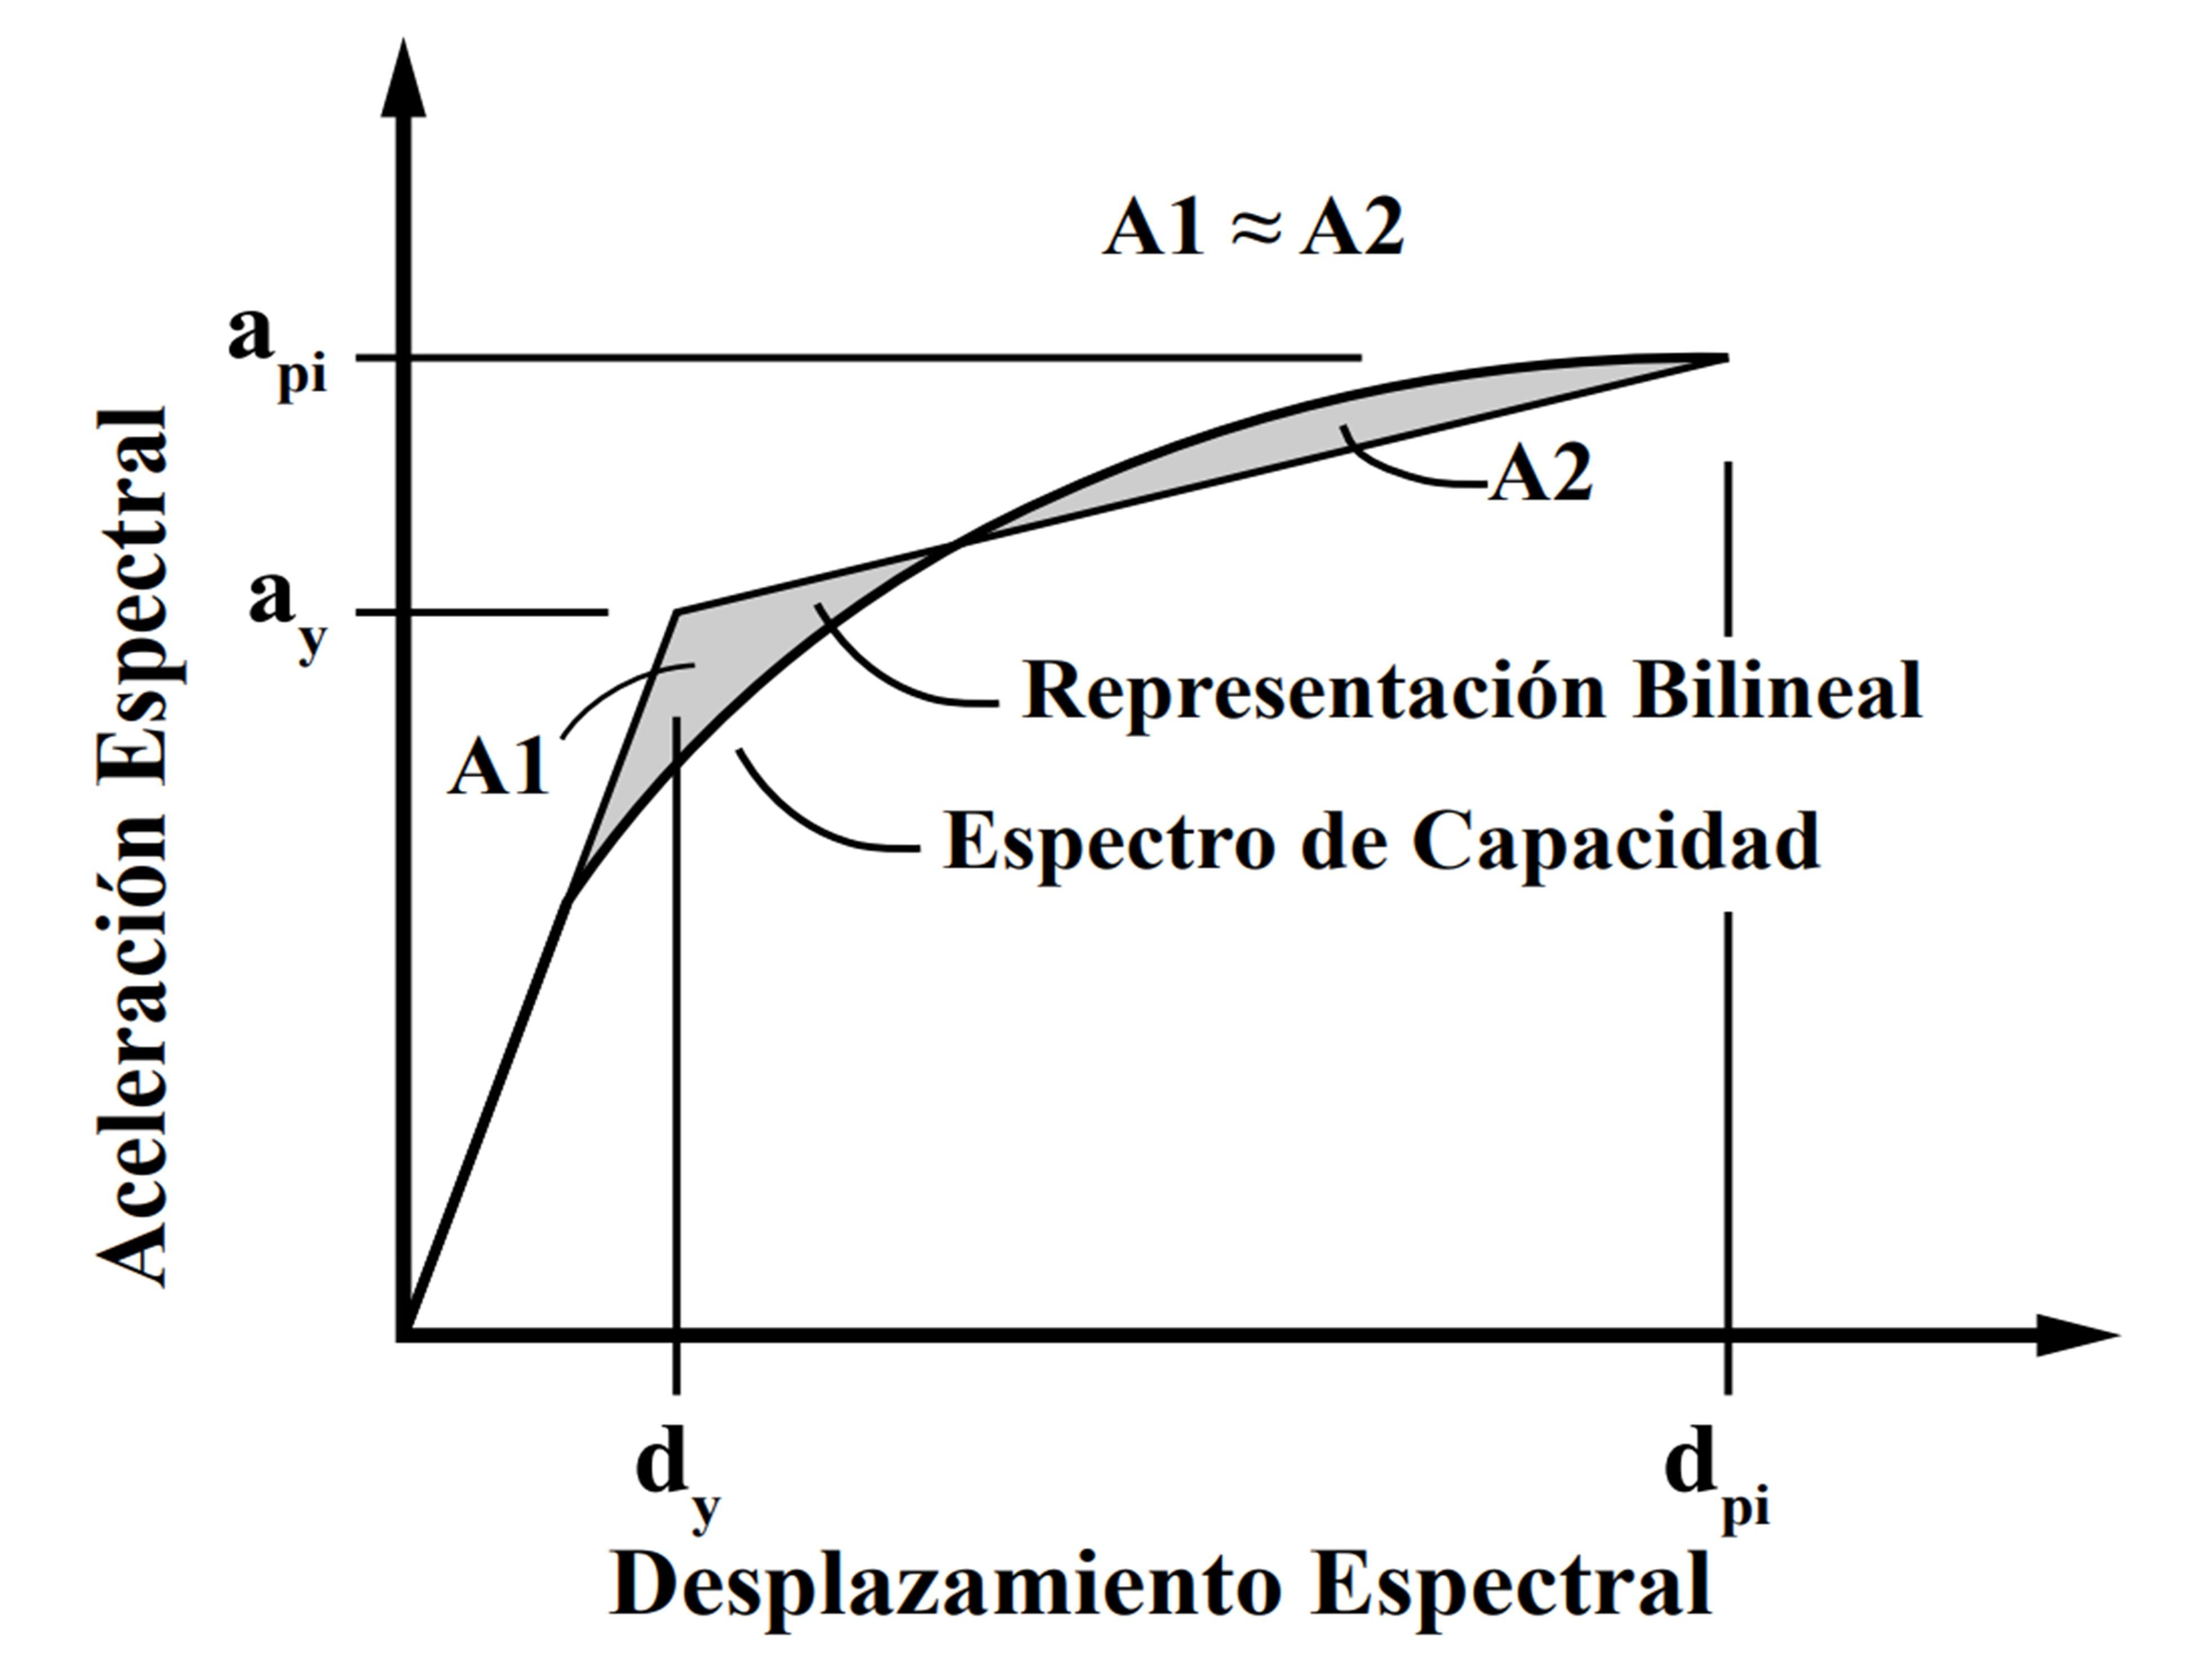 Parámetros relevantes en el cálculo del amortiguamiento efectivo, tomado de ATC-40 (ATC, 1996).